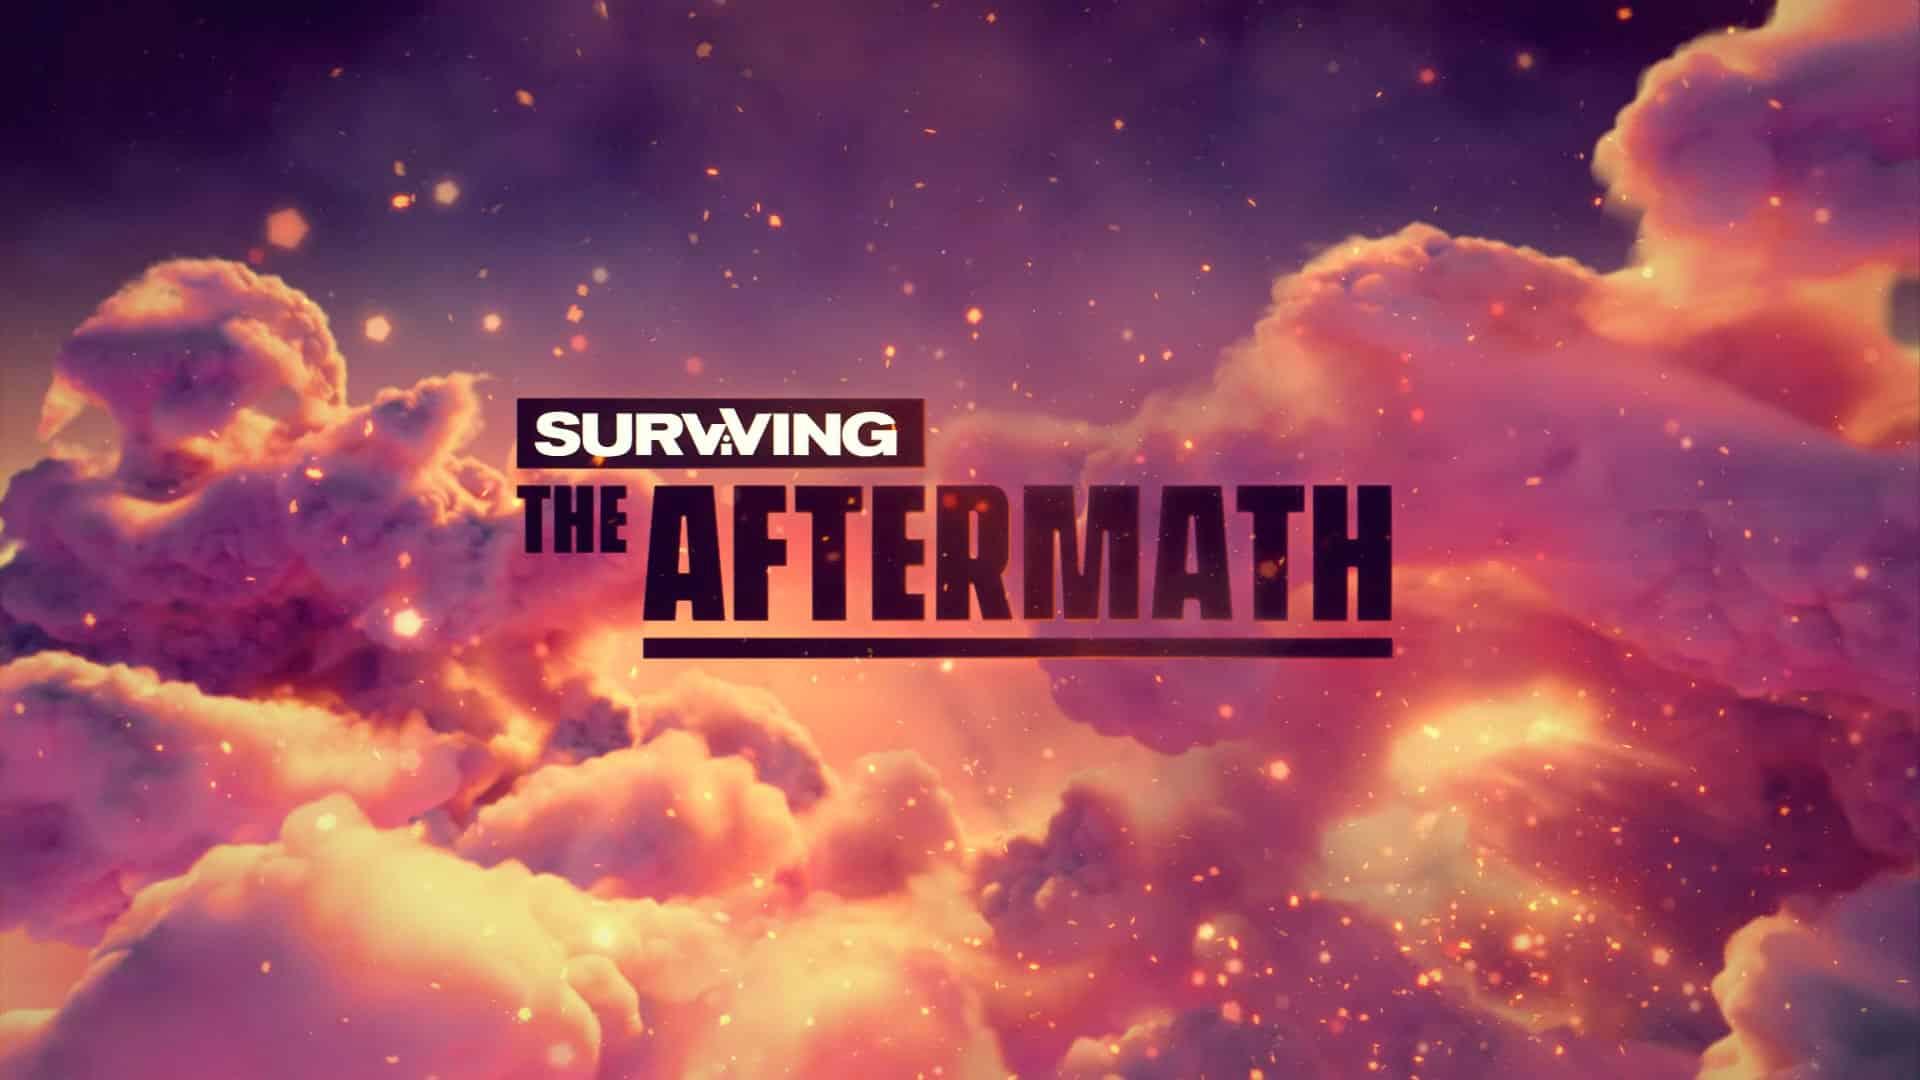 Surviving the Aftermath Teaser3429 babt